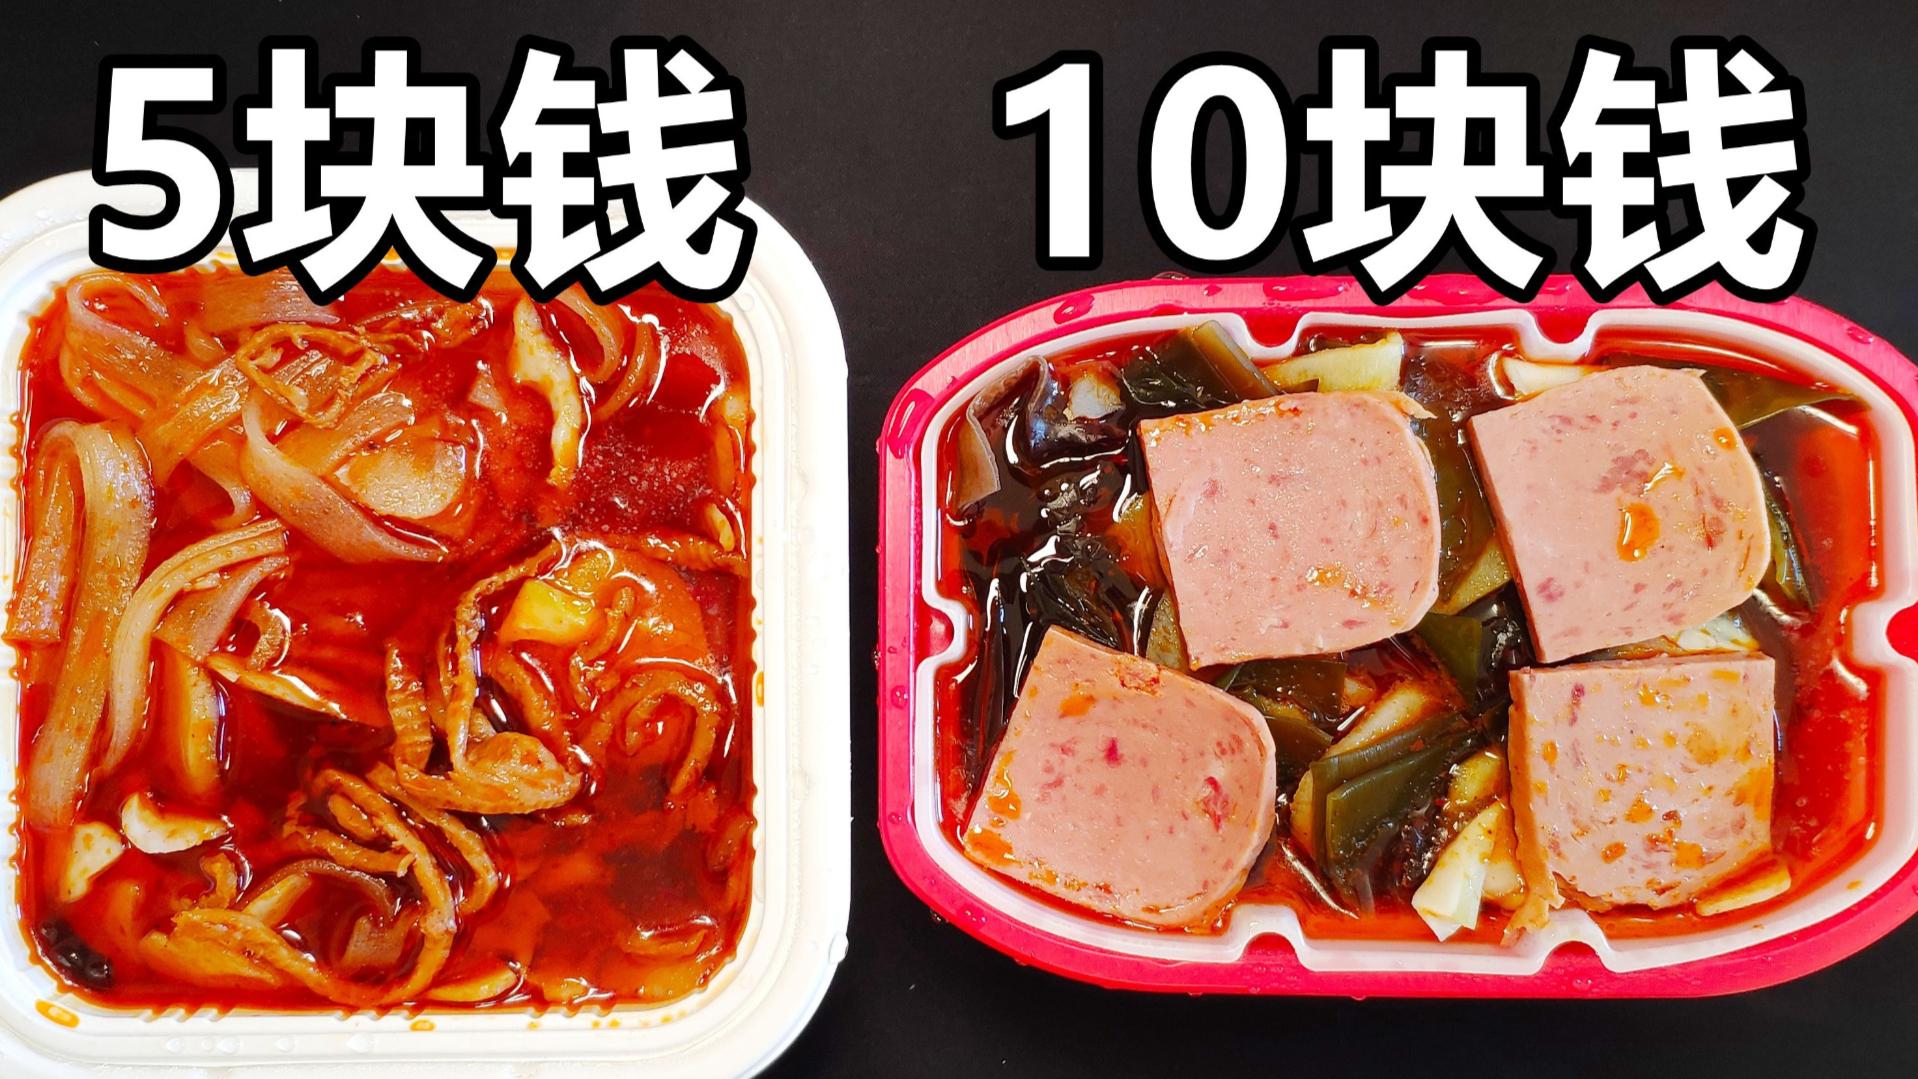 同样是自热火锅,5元一盒的和10元一盒的差距有多大?没想到便宜的反倒更好吃